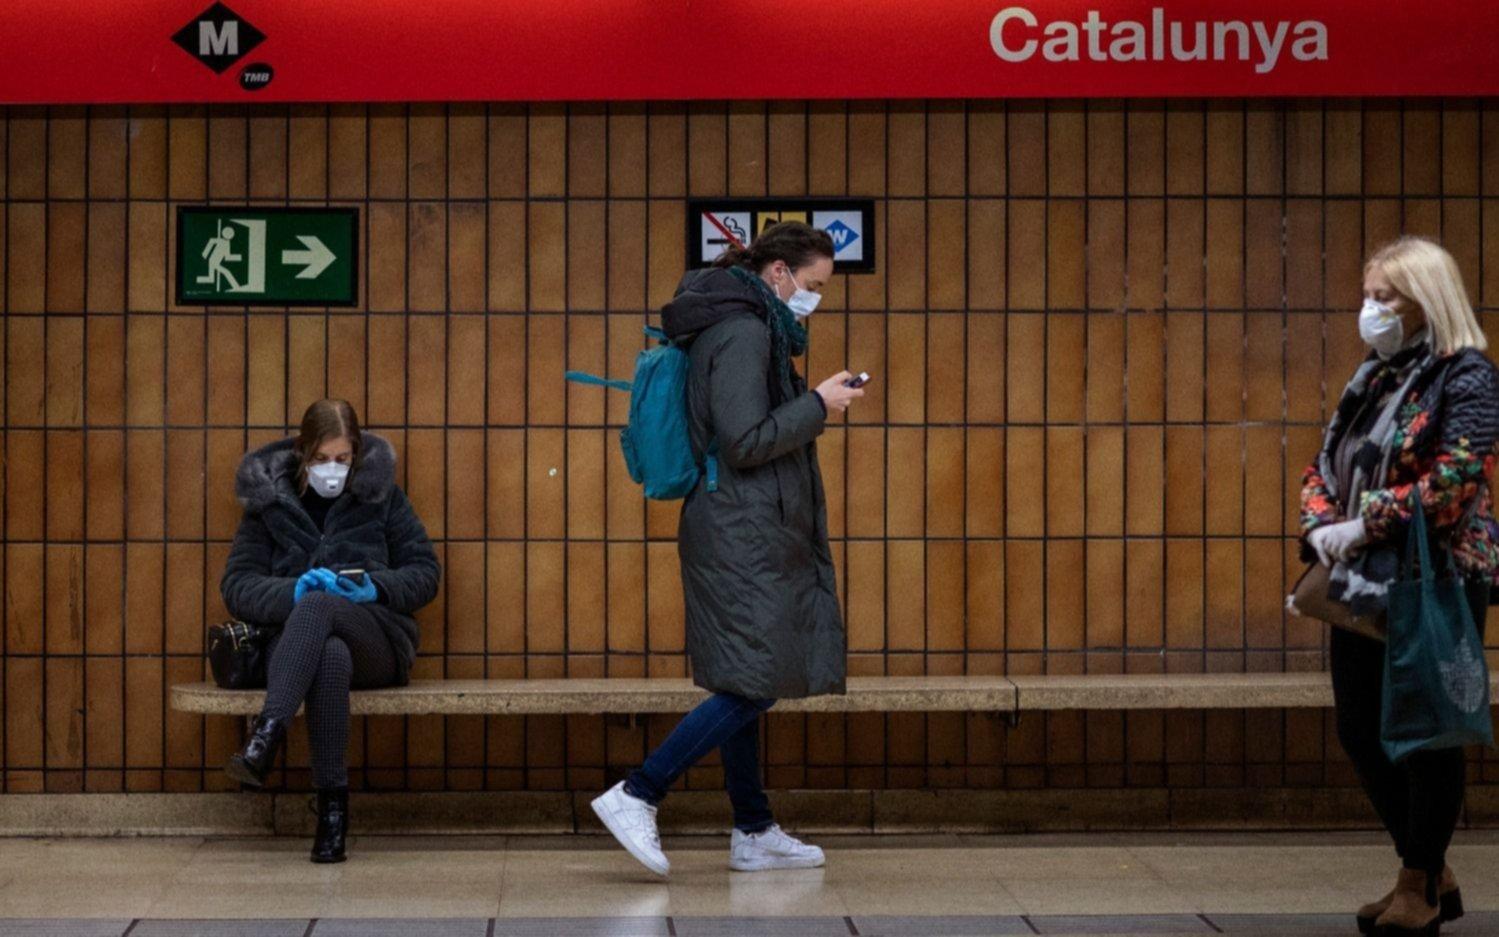 Diez días de cuarentena para los argentinos que vayan a España